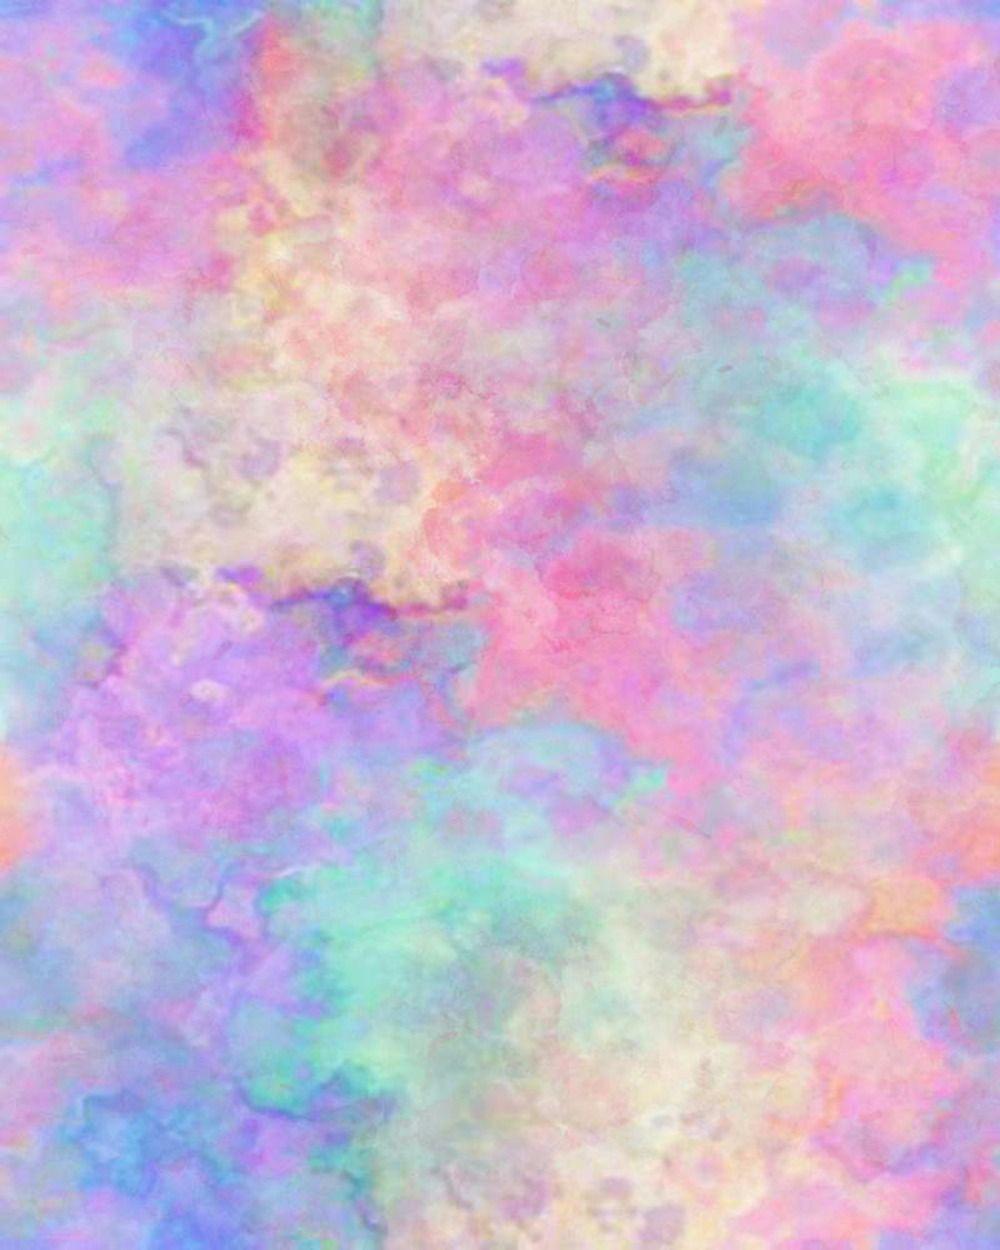 Grohandel lgemlde Bunte Fotografie Hintergrund Digital Gedruckt Rosa Blau Gelb Farbige Photo